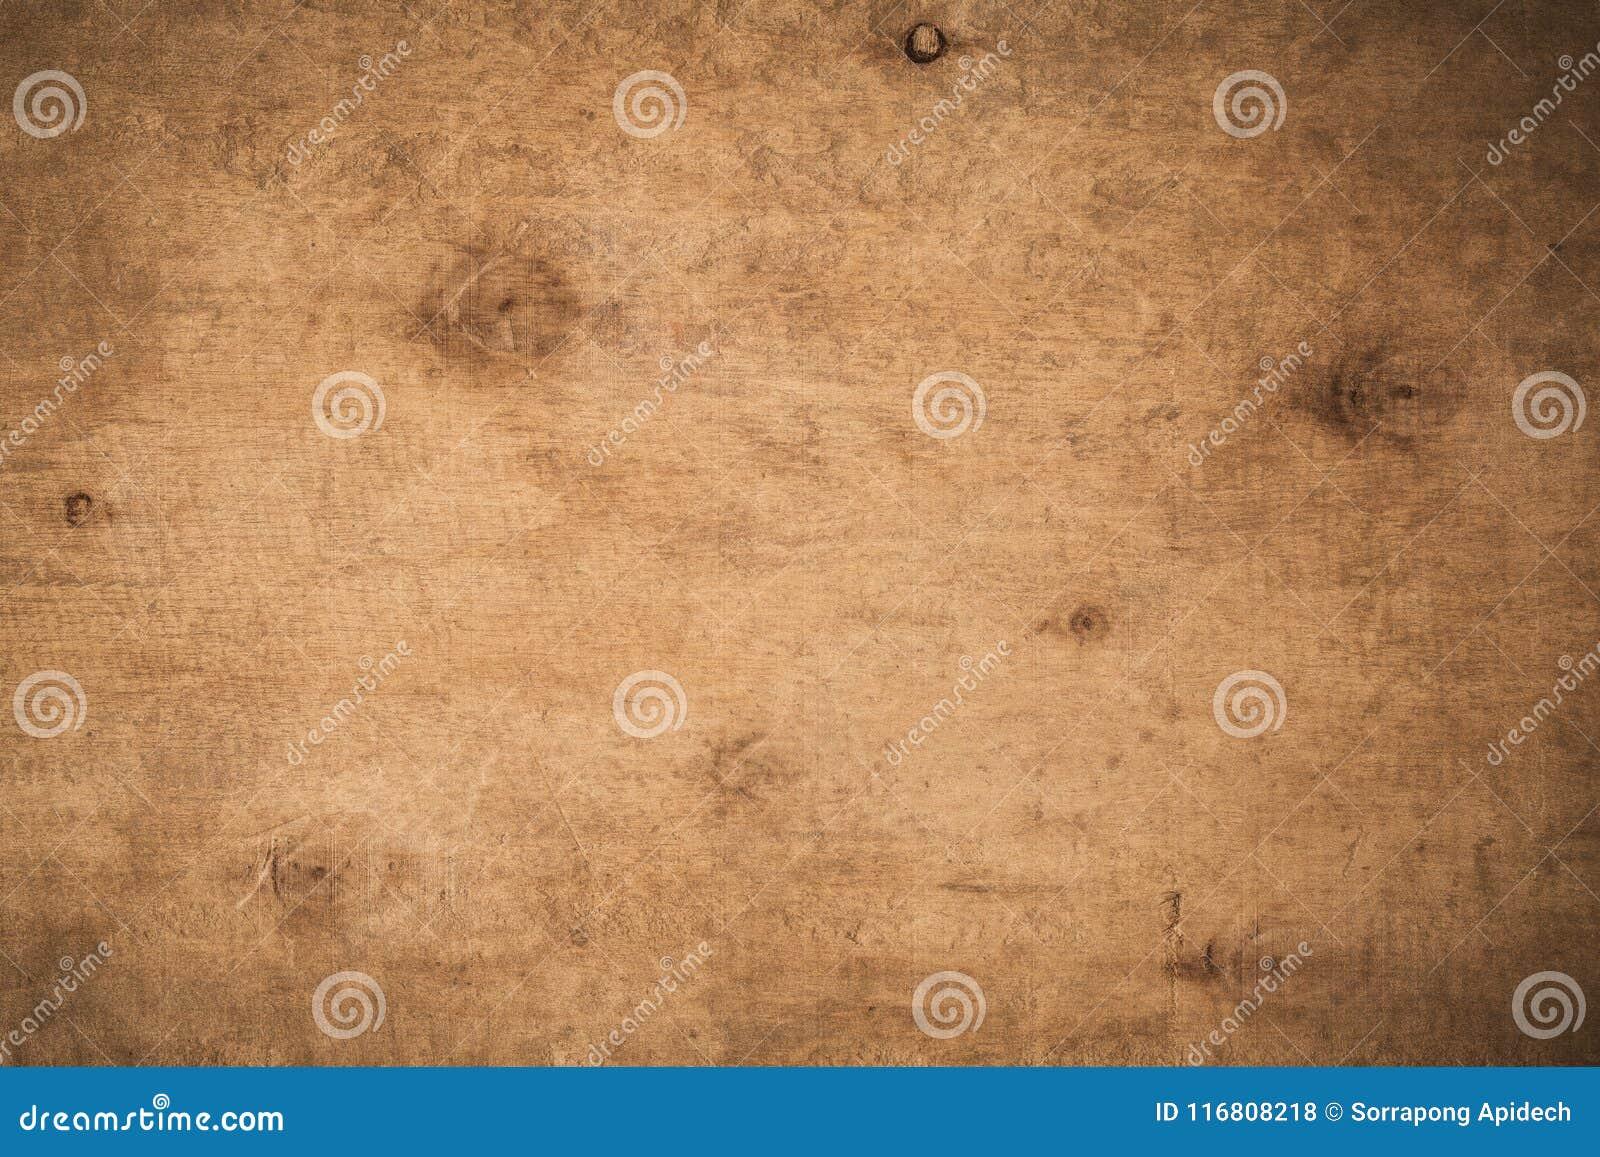 Dunkler strukturierter hölzerner Hintergrund des alten Schmutzes, die Oberfläche des ol